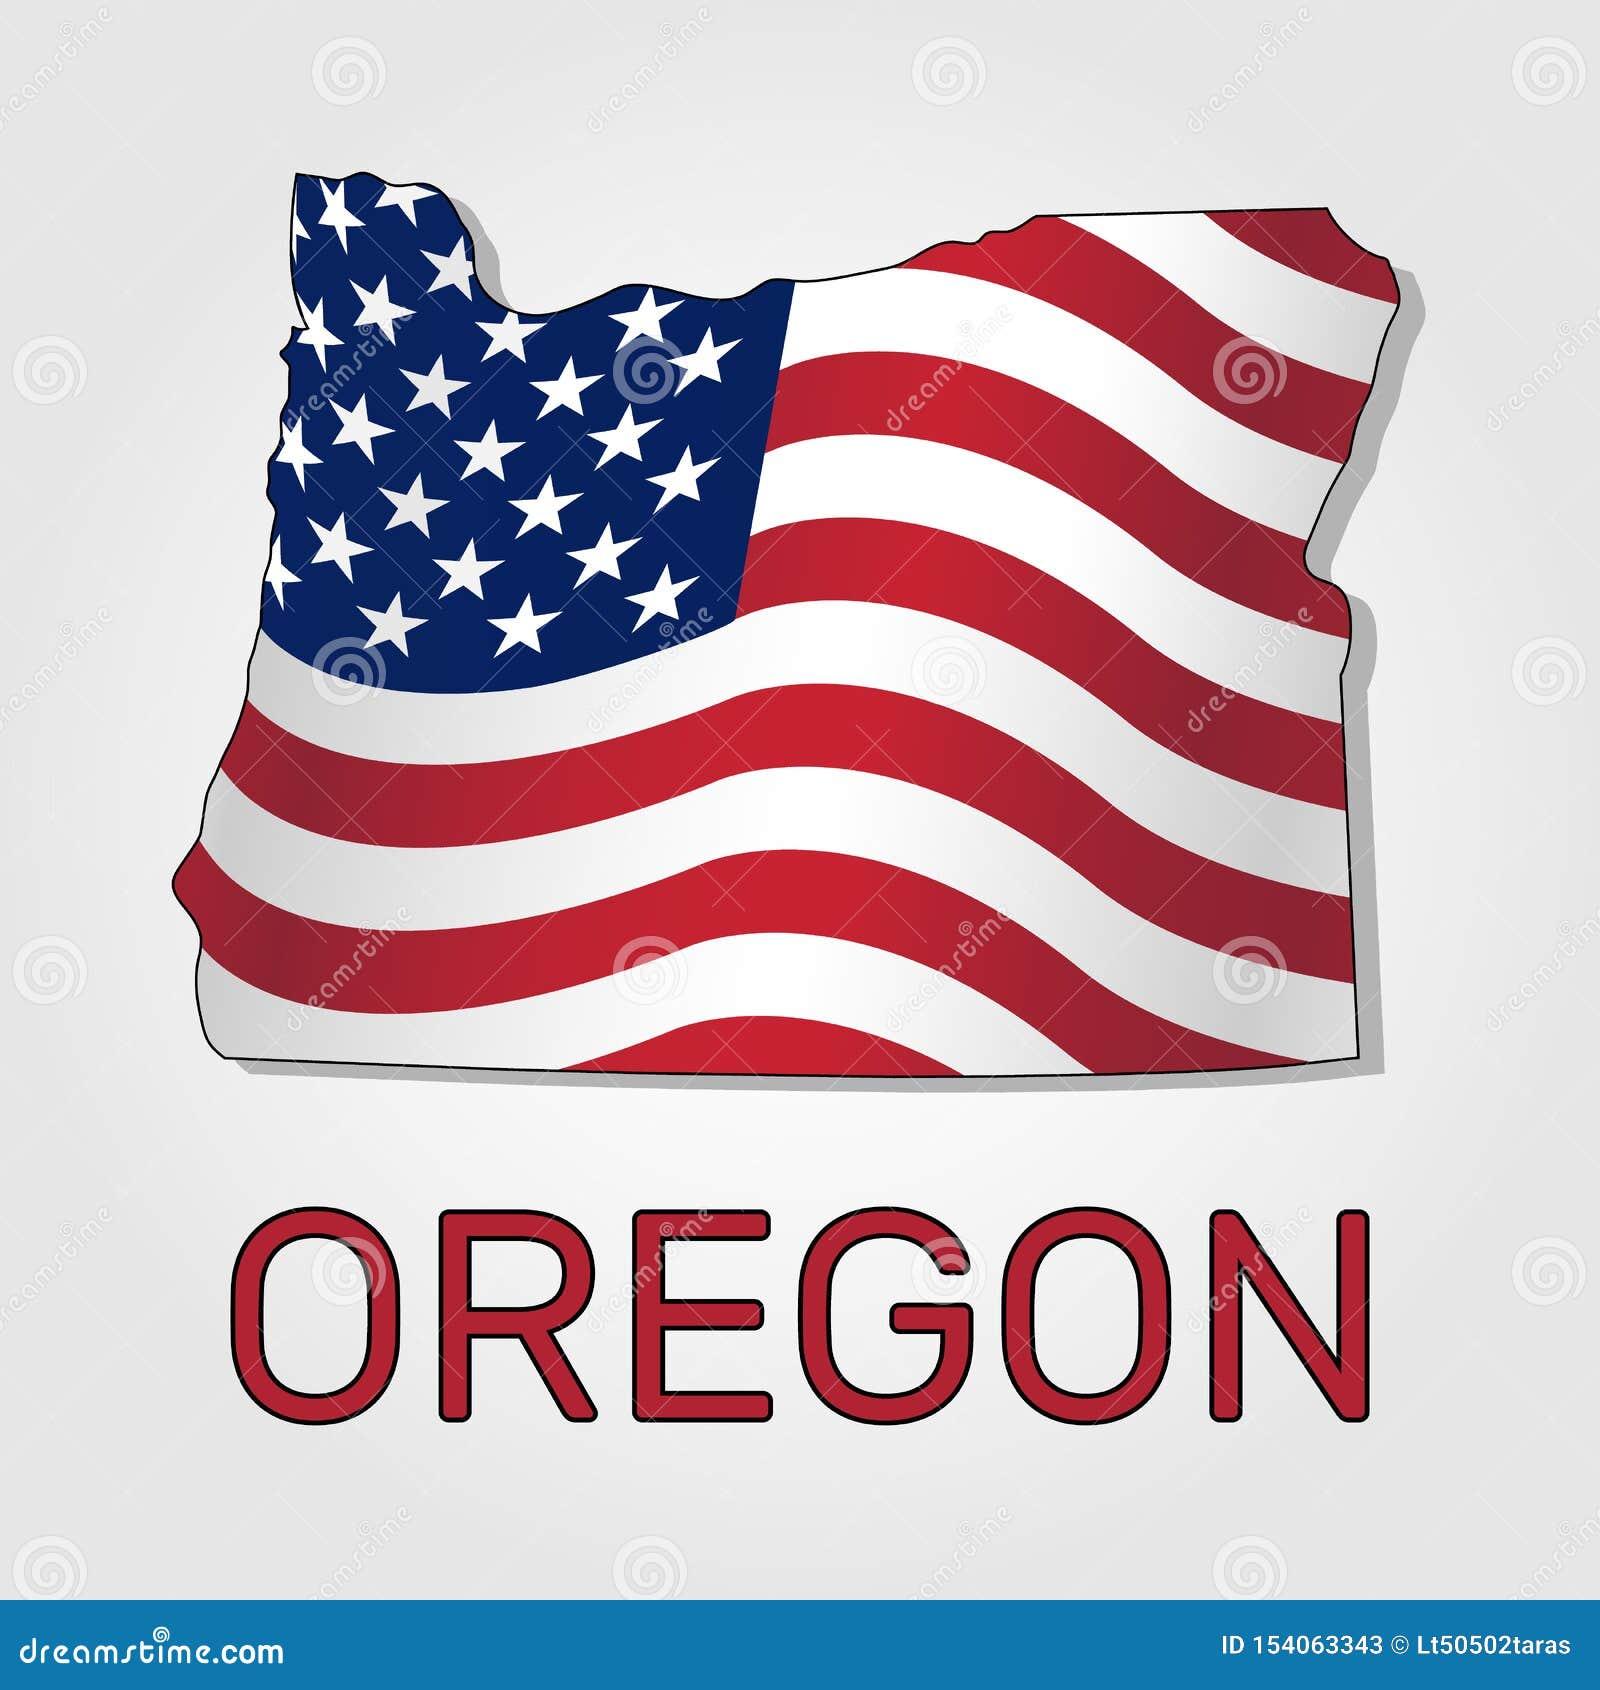 Karte Des Staats Oregon Im Verbindung Mit A, Welches Die